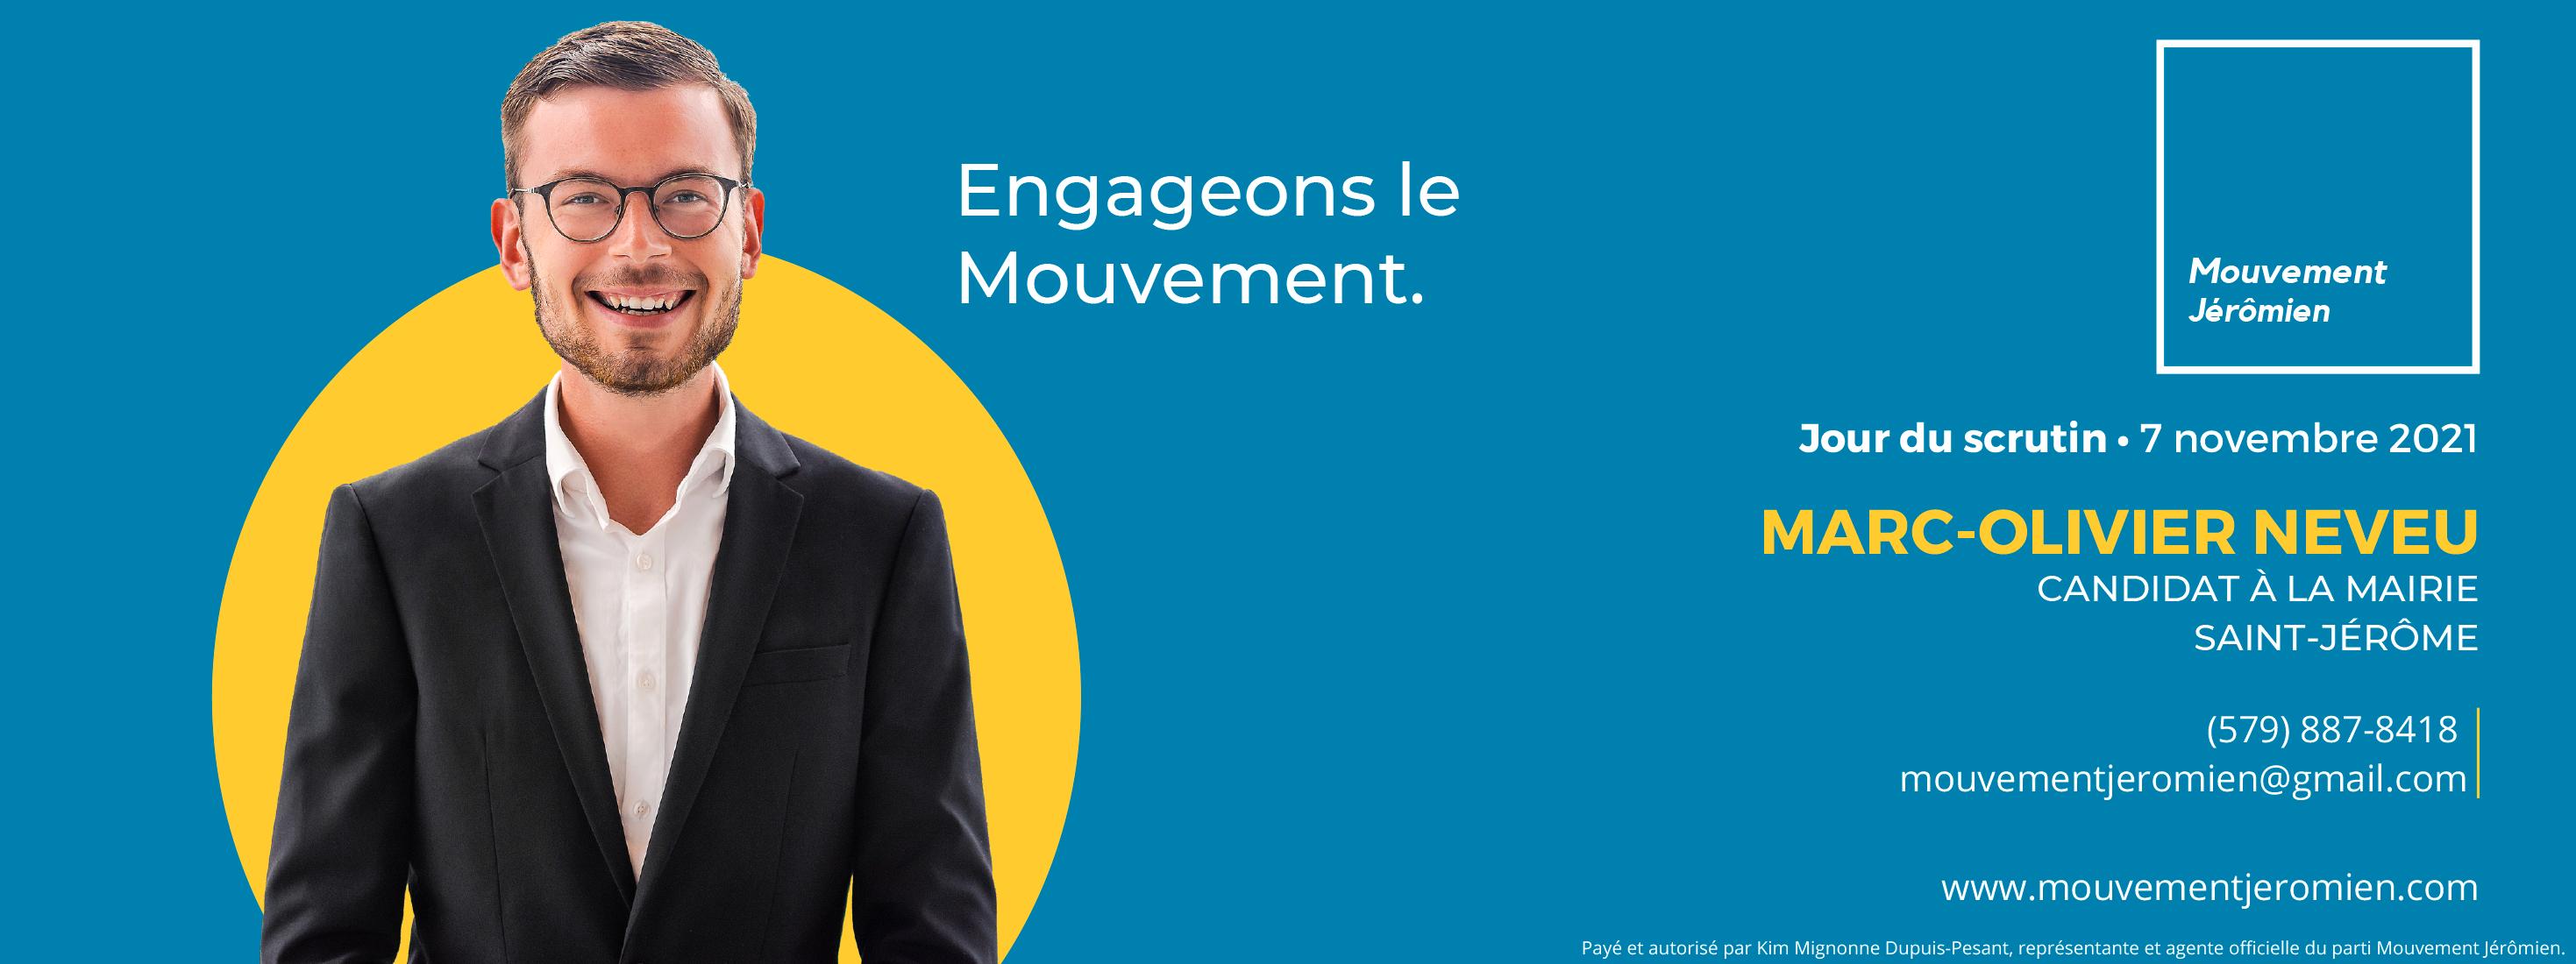 Marc-Olivier Neveu - Mouvement Jérômien